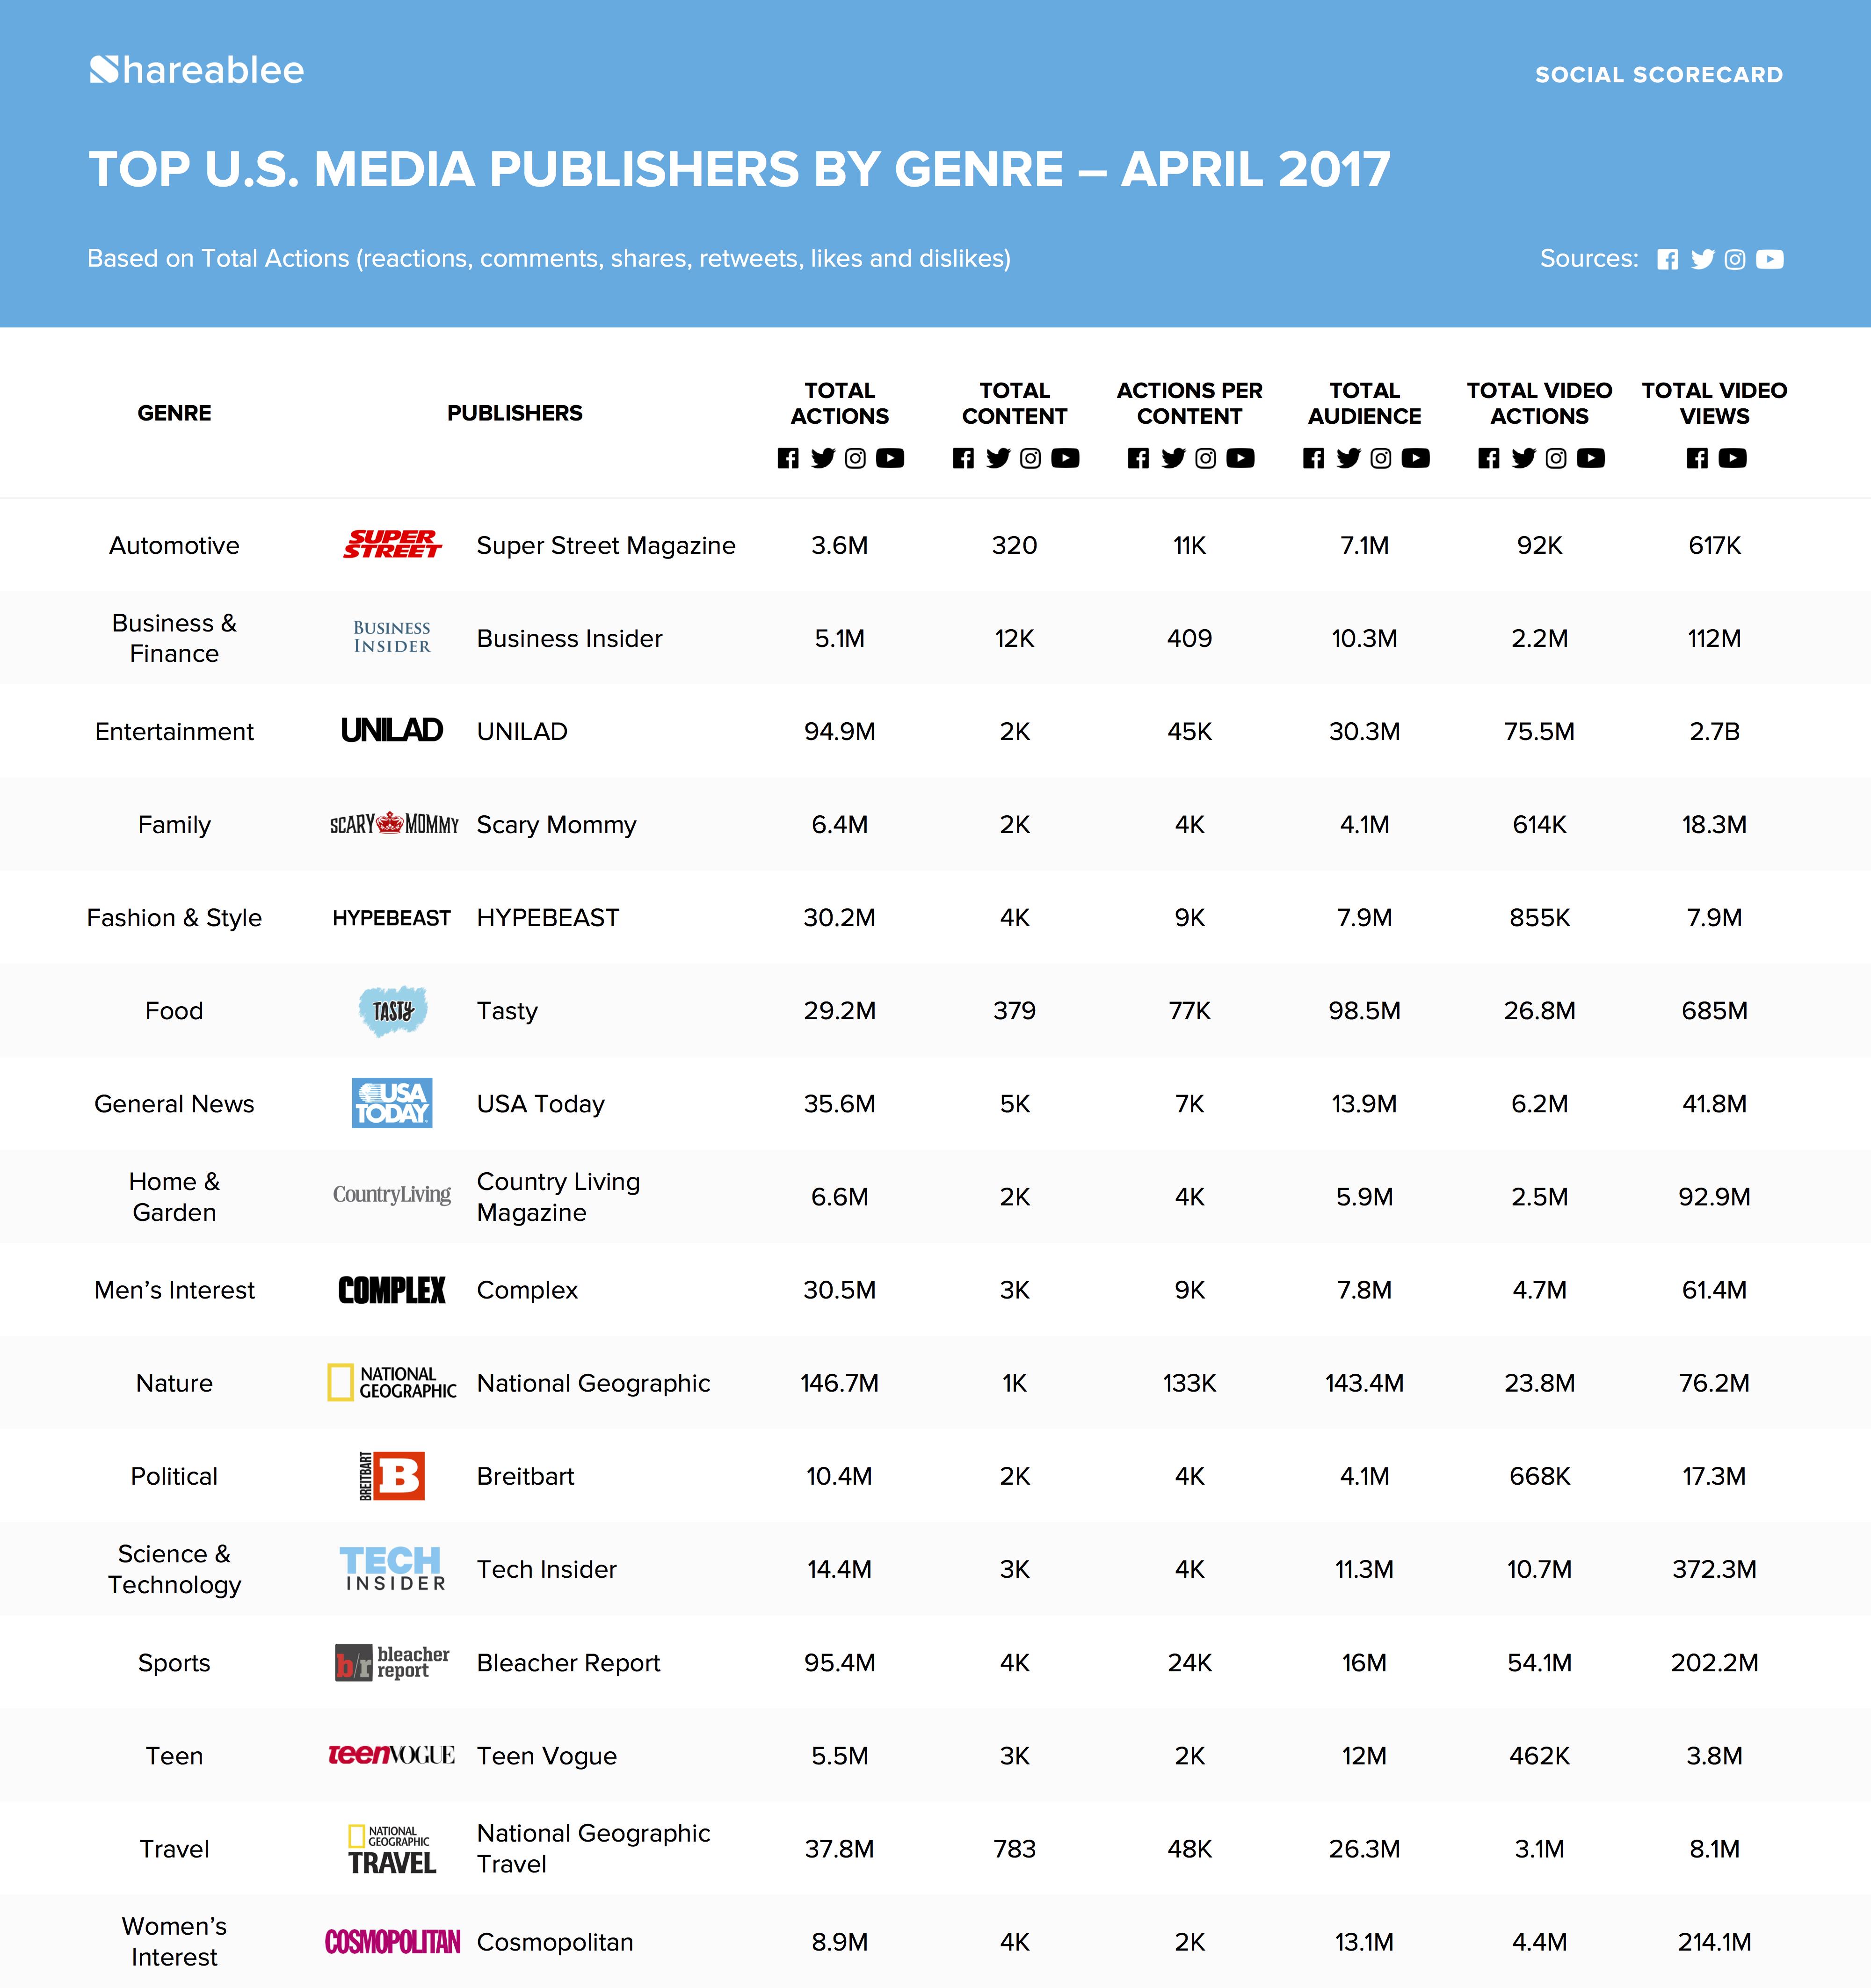 The Top U.S. Media Publishers on Social Media - April 2017 | Social Media Today